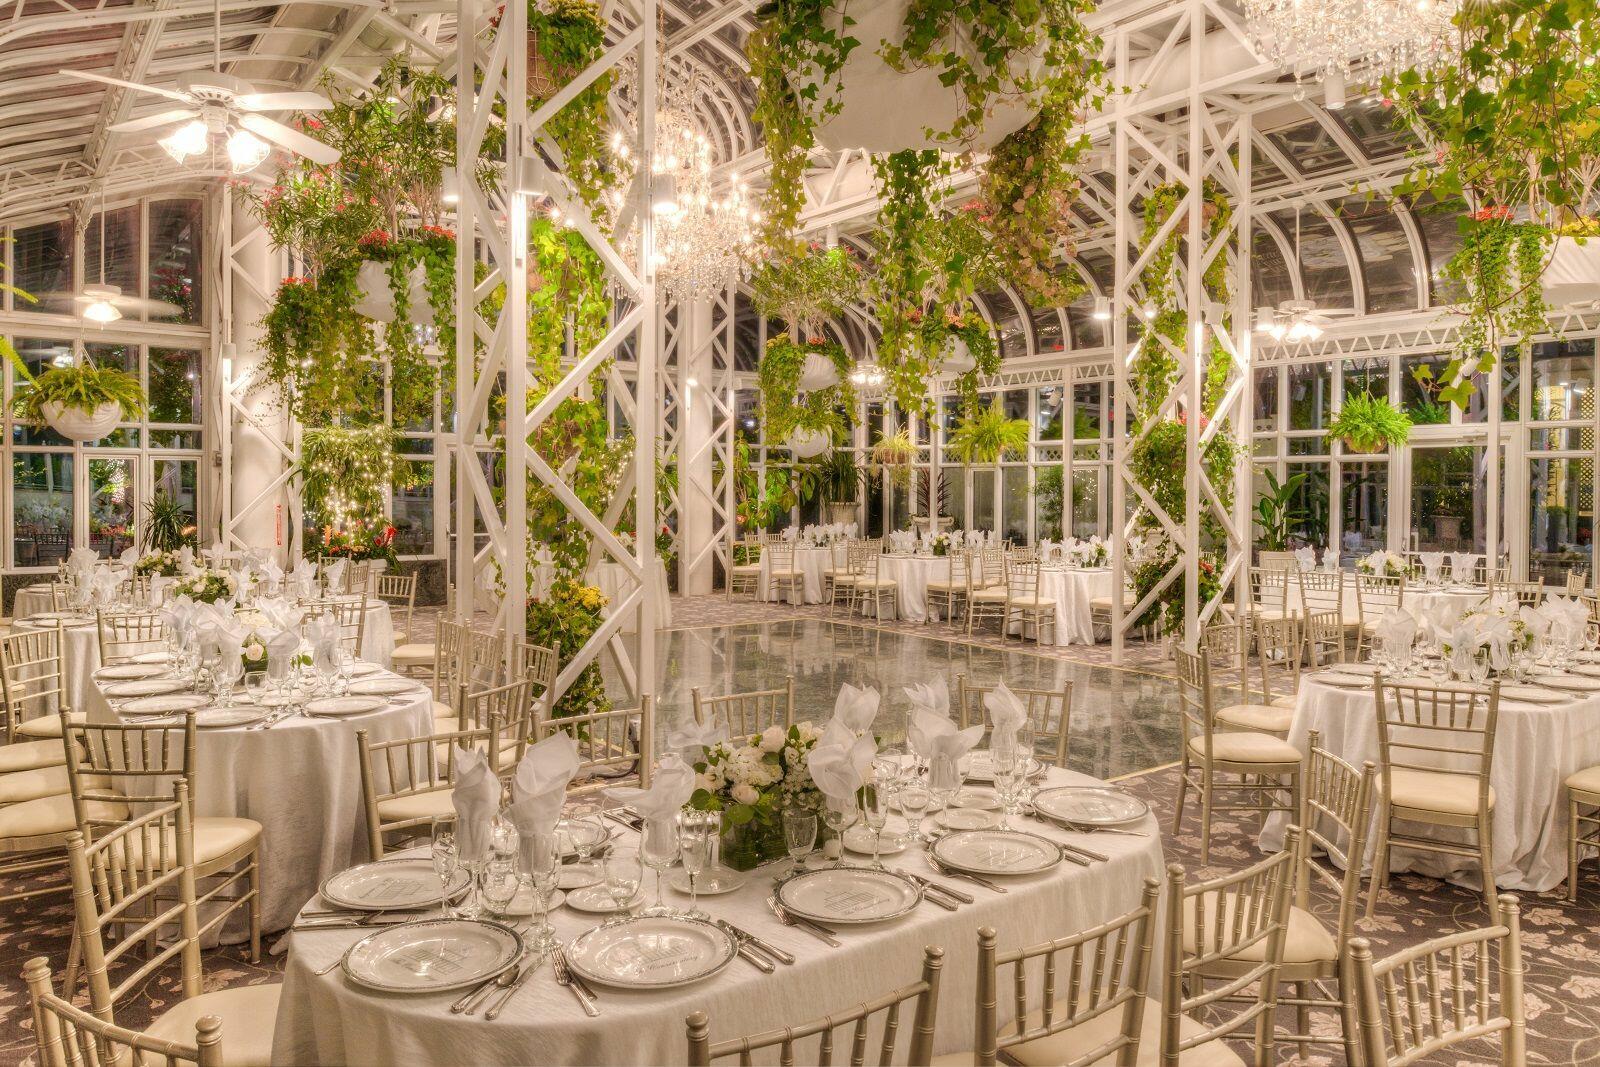 Decadent outdoor wedding venue